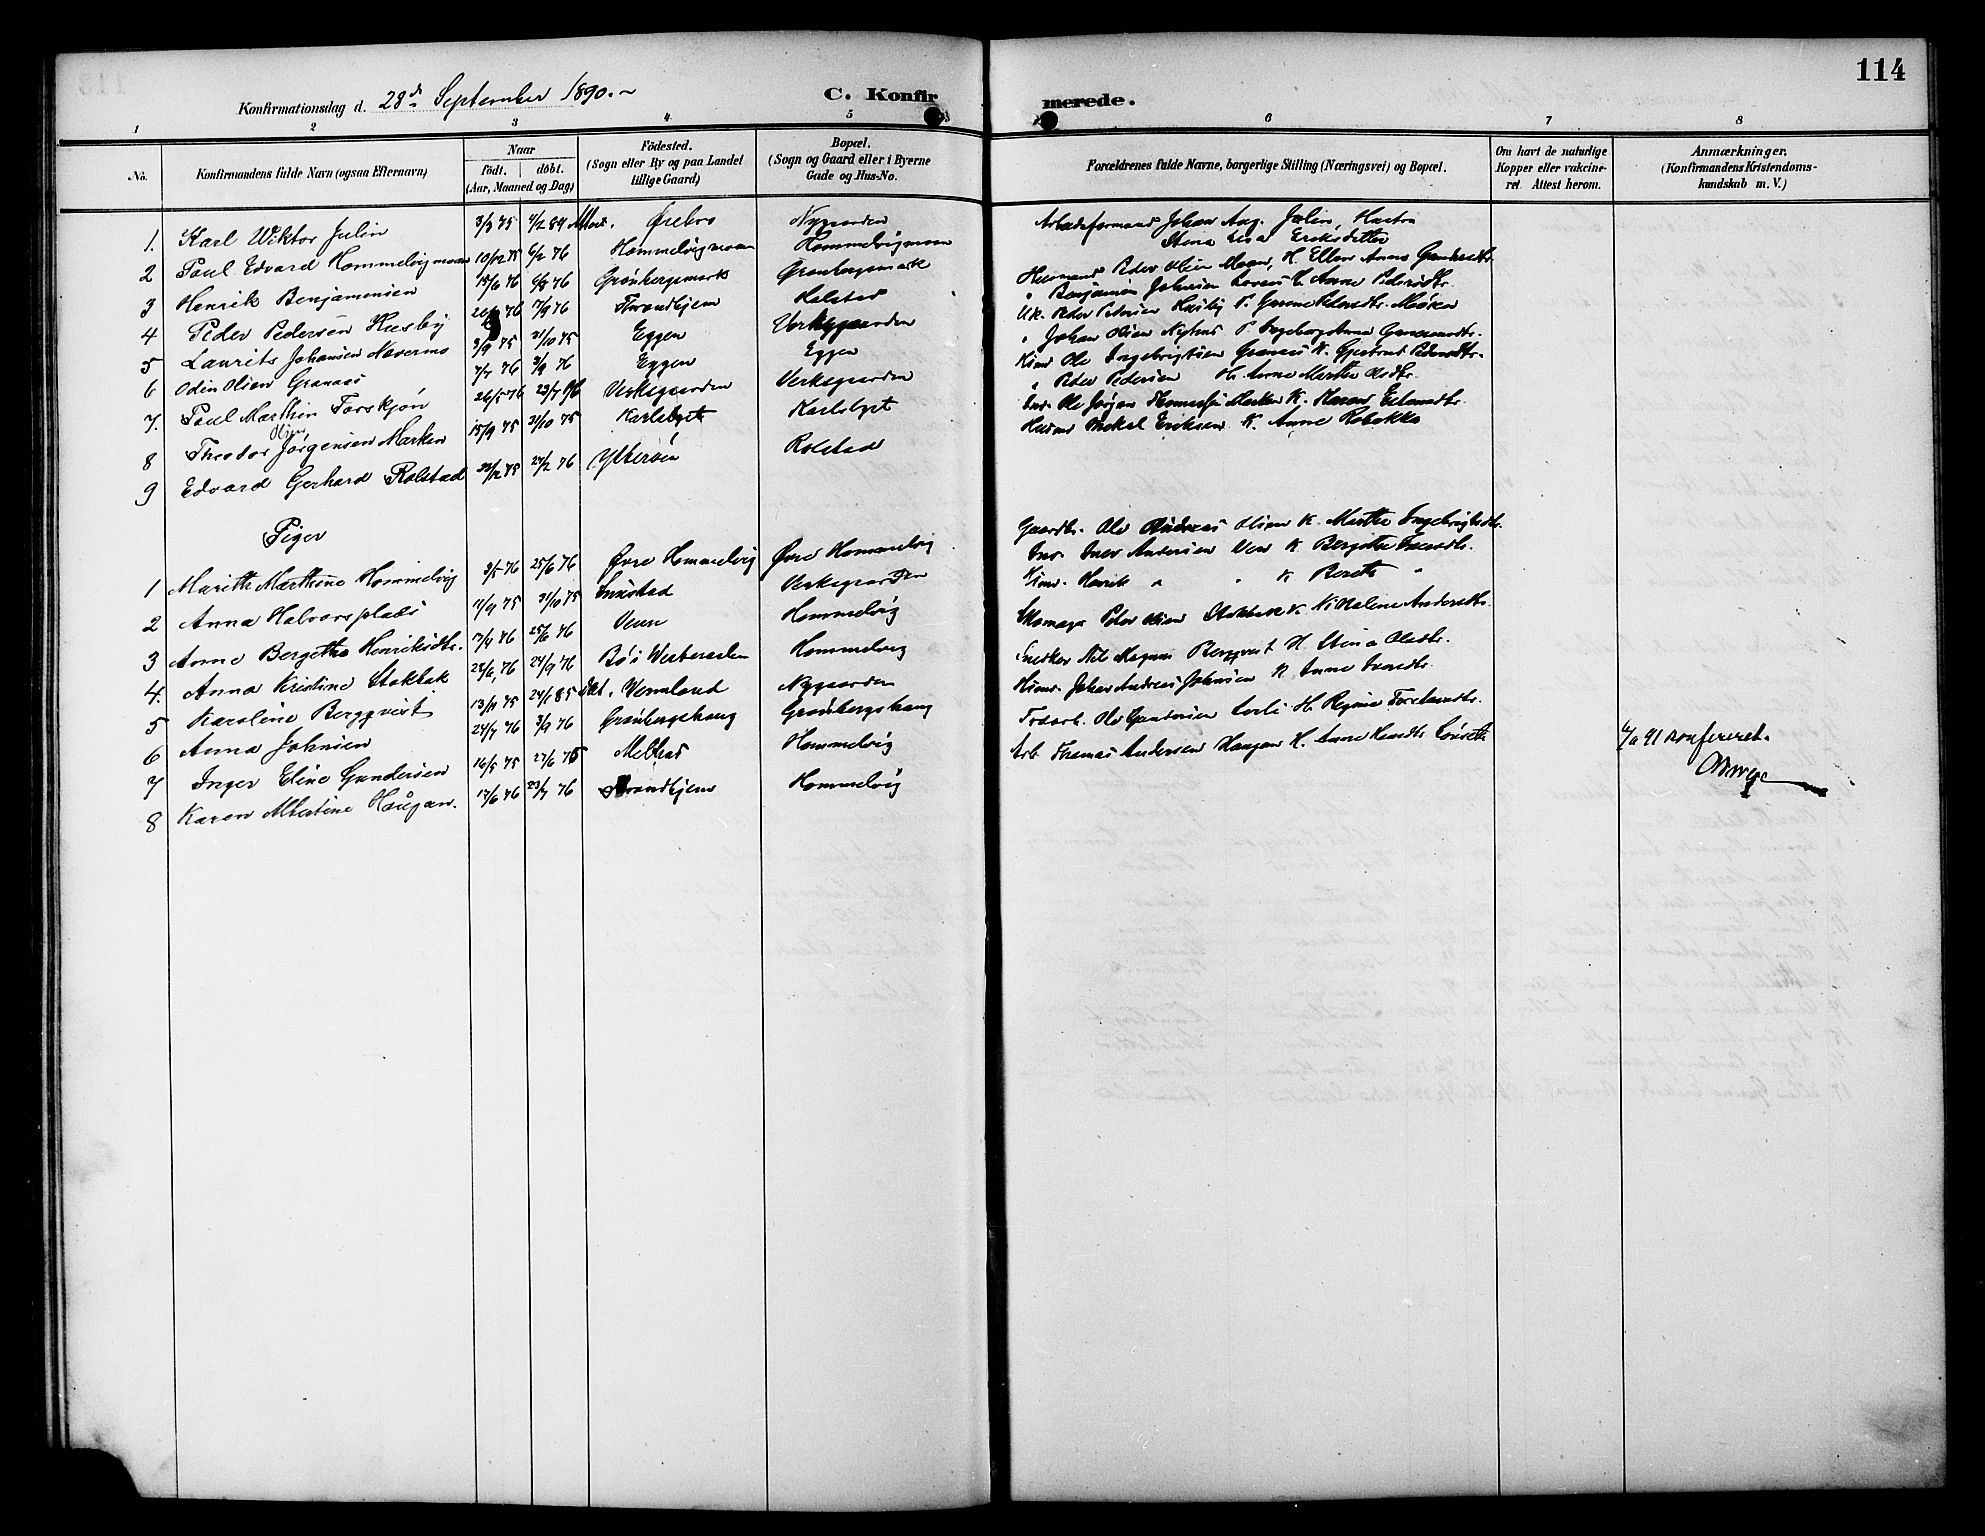 SAT, Ministerialprotokoller, klokkerbøker og fødselsregistre - Sør-Trøndelag, 617/L0431: Klokkerbok nr. 617C01, 1889-1910, s. 114